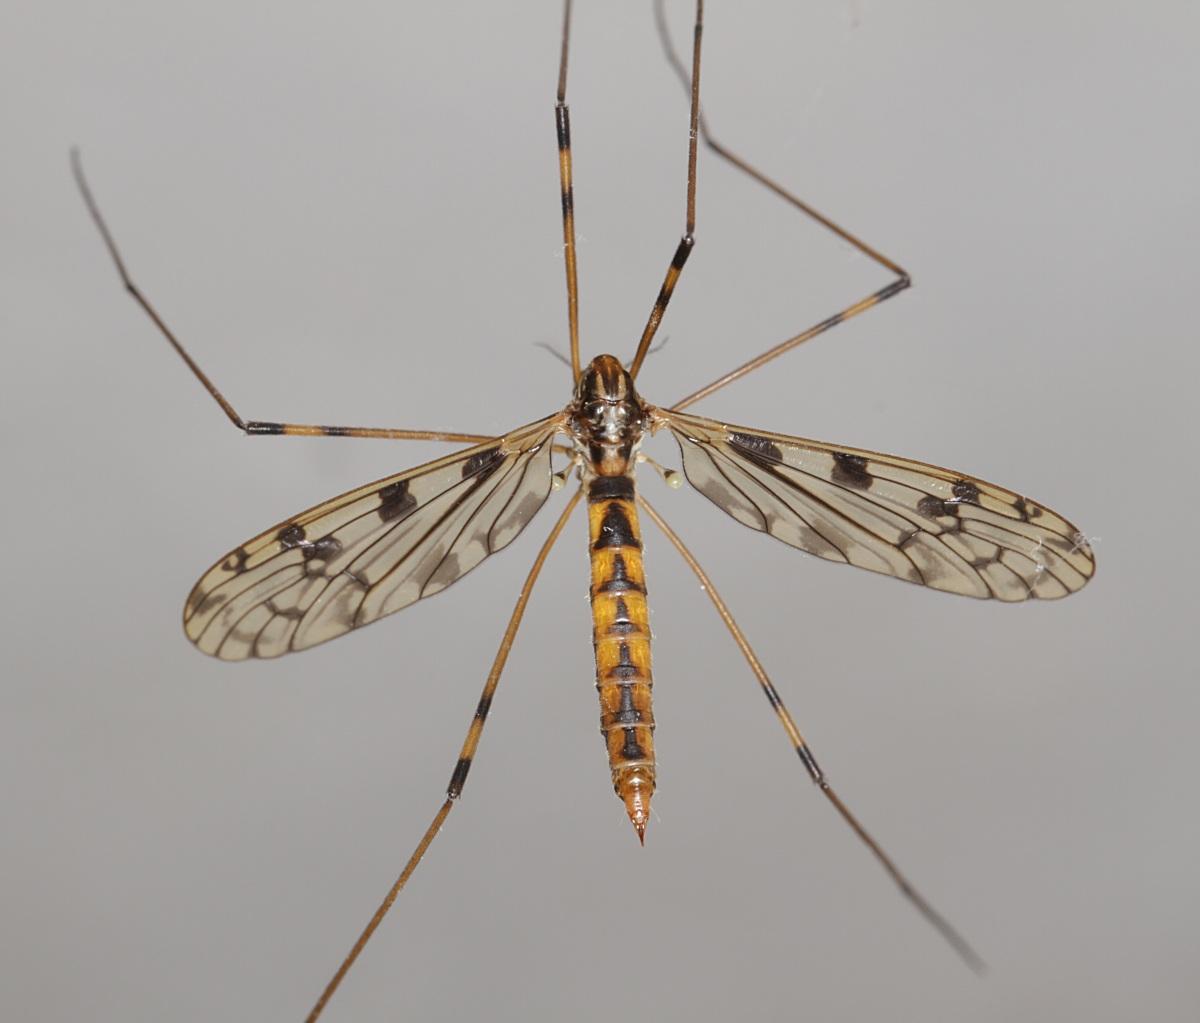 Metalimnobia quadrimaculata